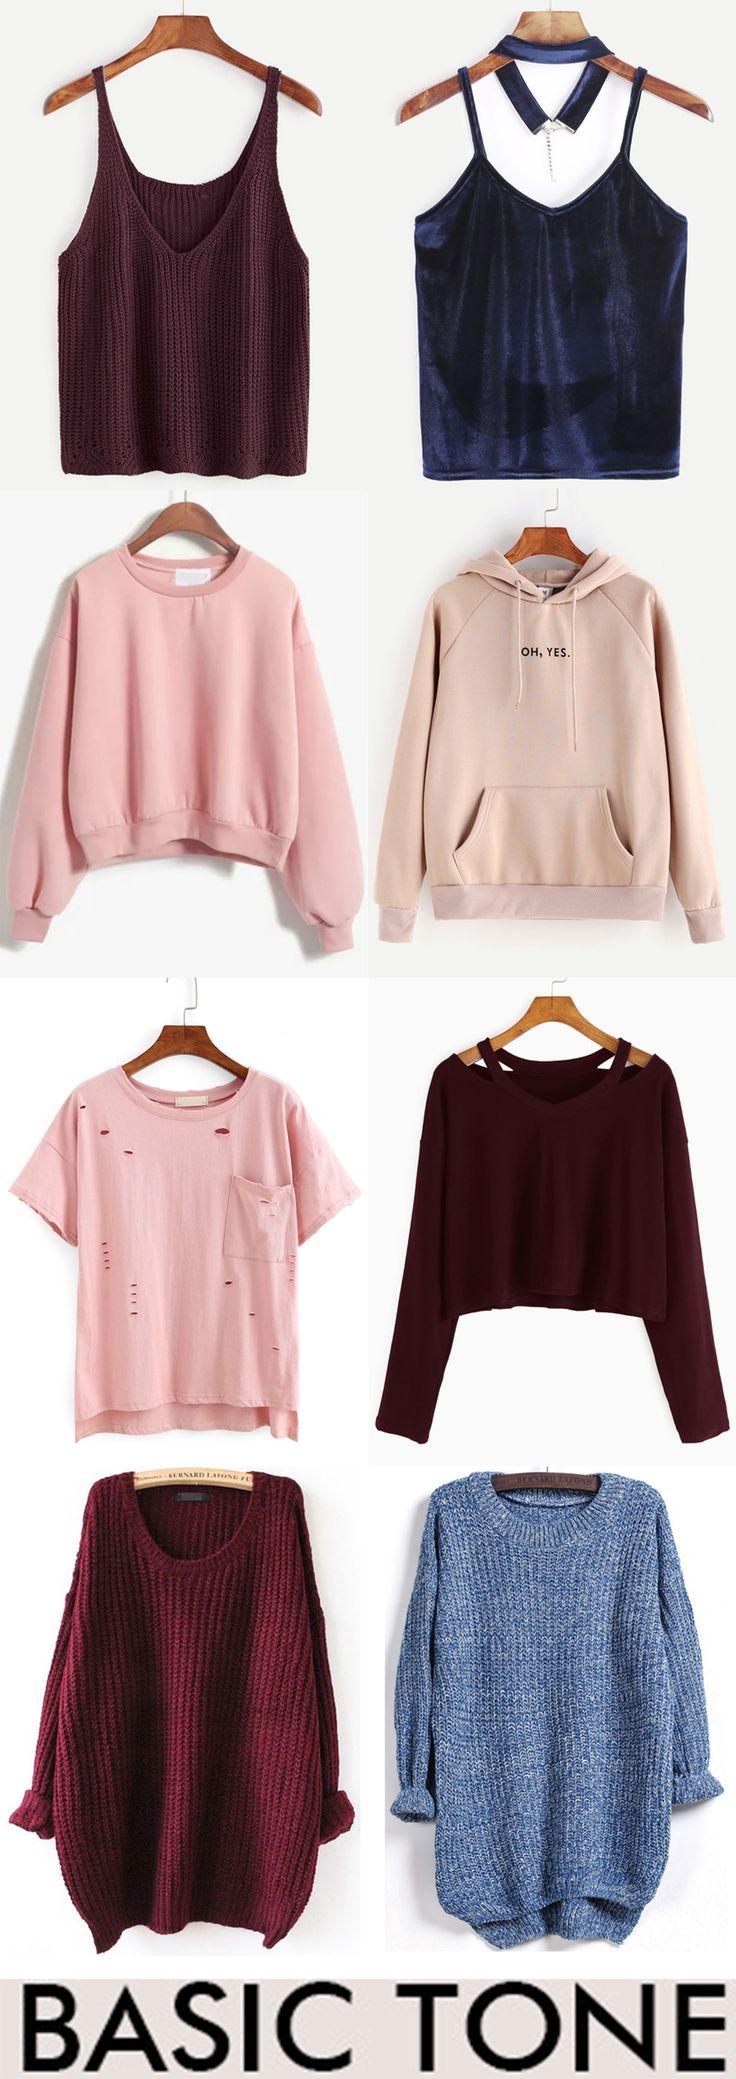 Basic Style - romwe.com